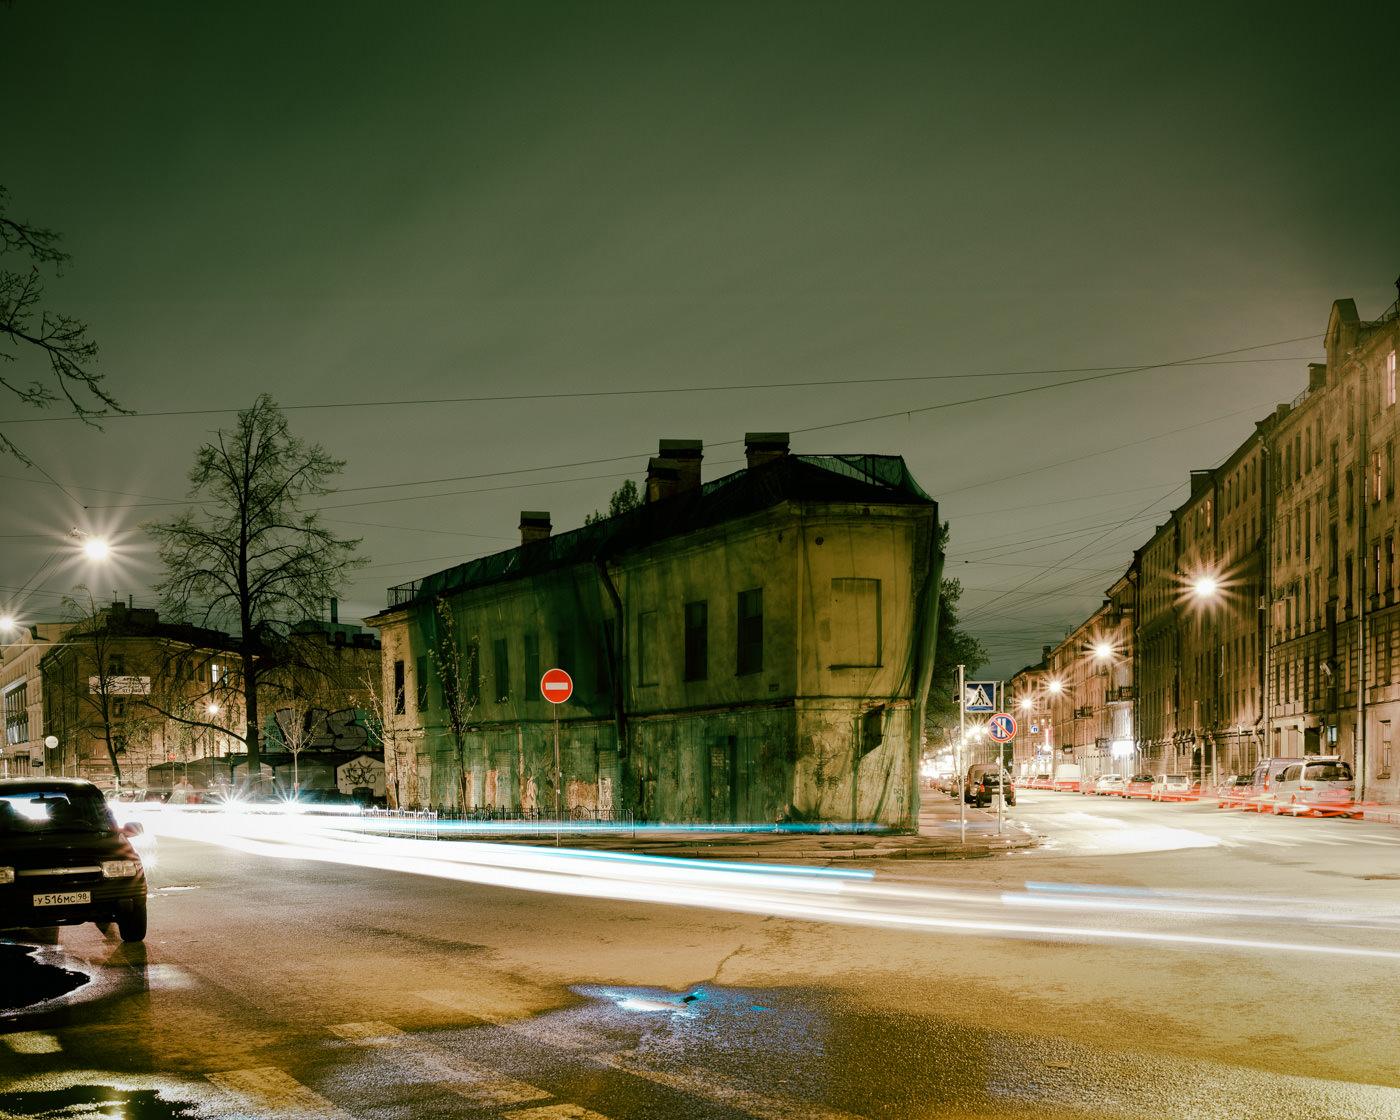 """""""Ulitsa Konstantina Zaslonova & Ulitsa Voronezhskaya, St. Petersburg"""" from the series Nylon Chrysalis, by William Mokrynski"""